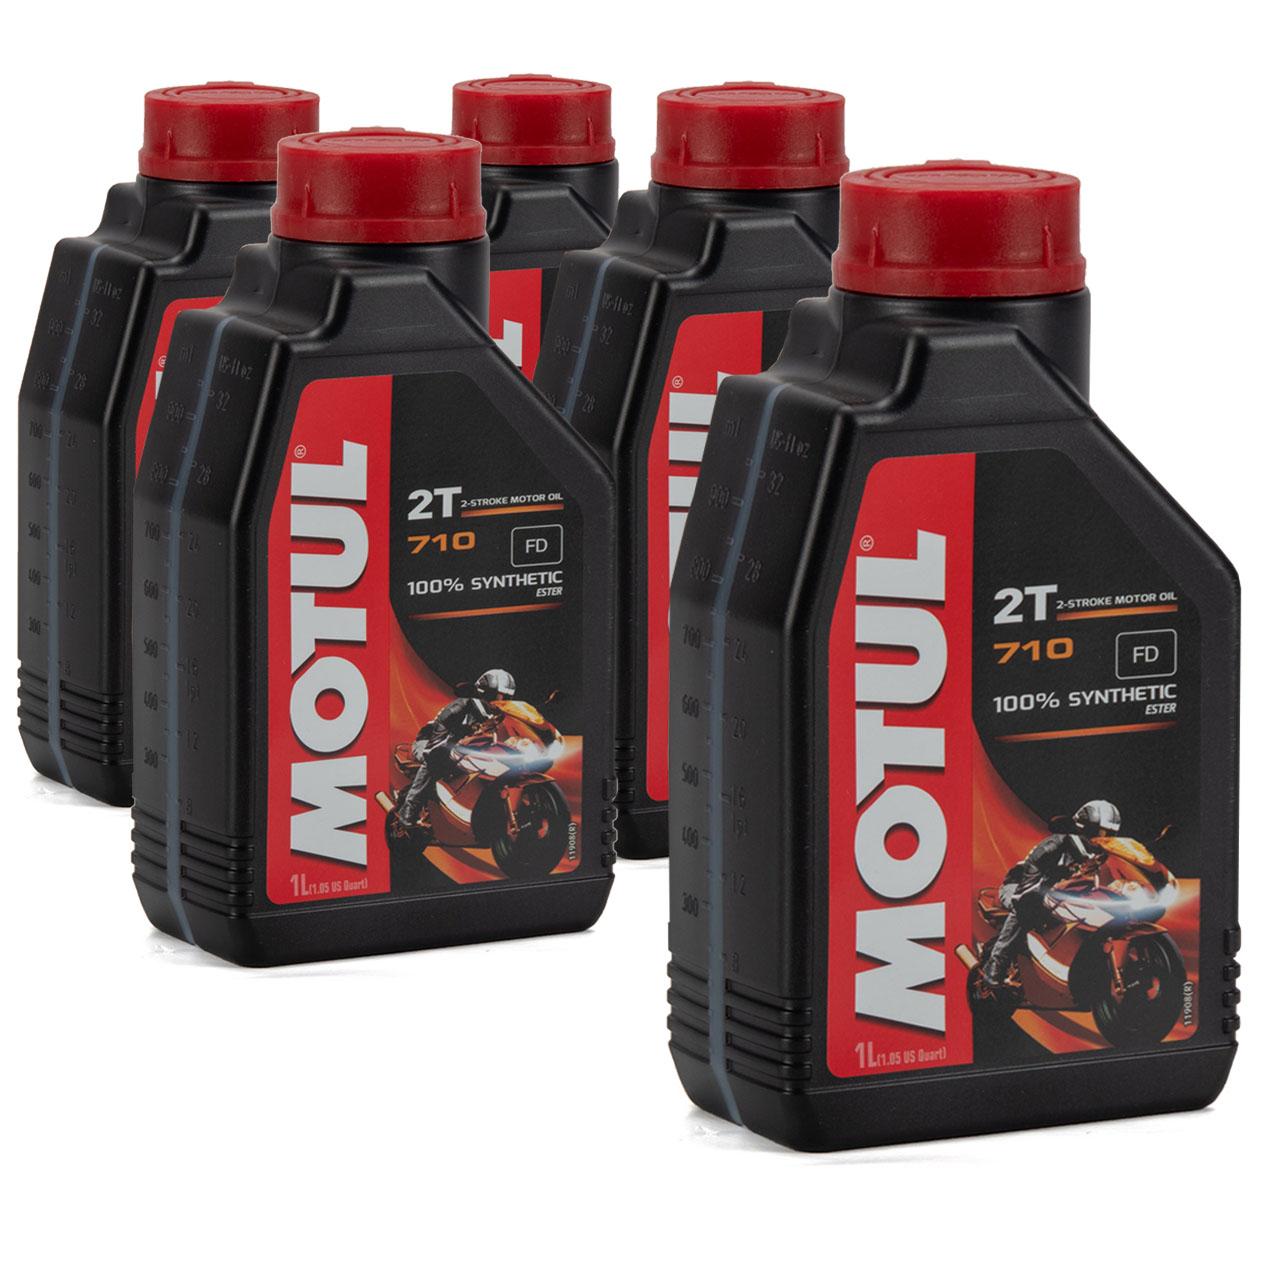 MOTUL 710 2T 2-TAKT FD ESTER Motoröl Öl API TC JASO FD ISO-L-EGD - 5L 5 Liter